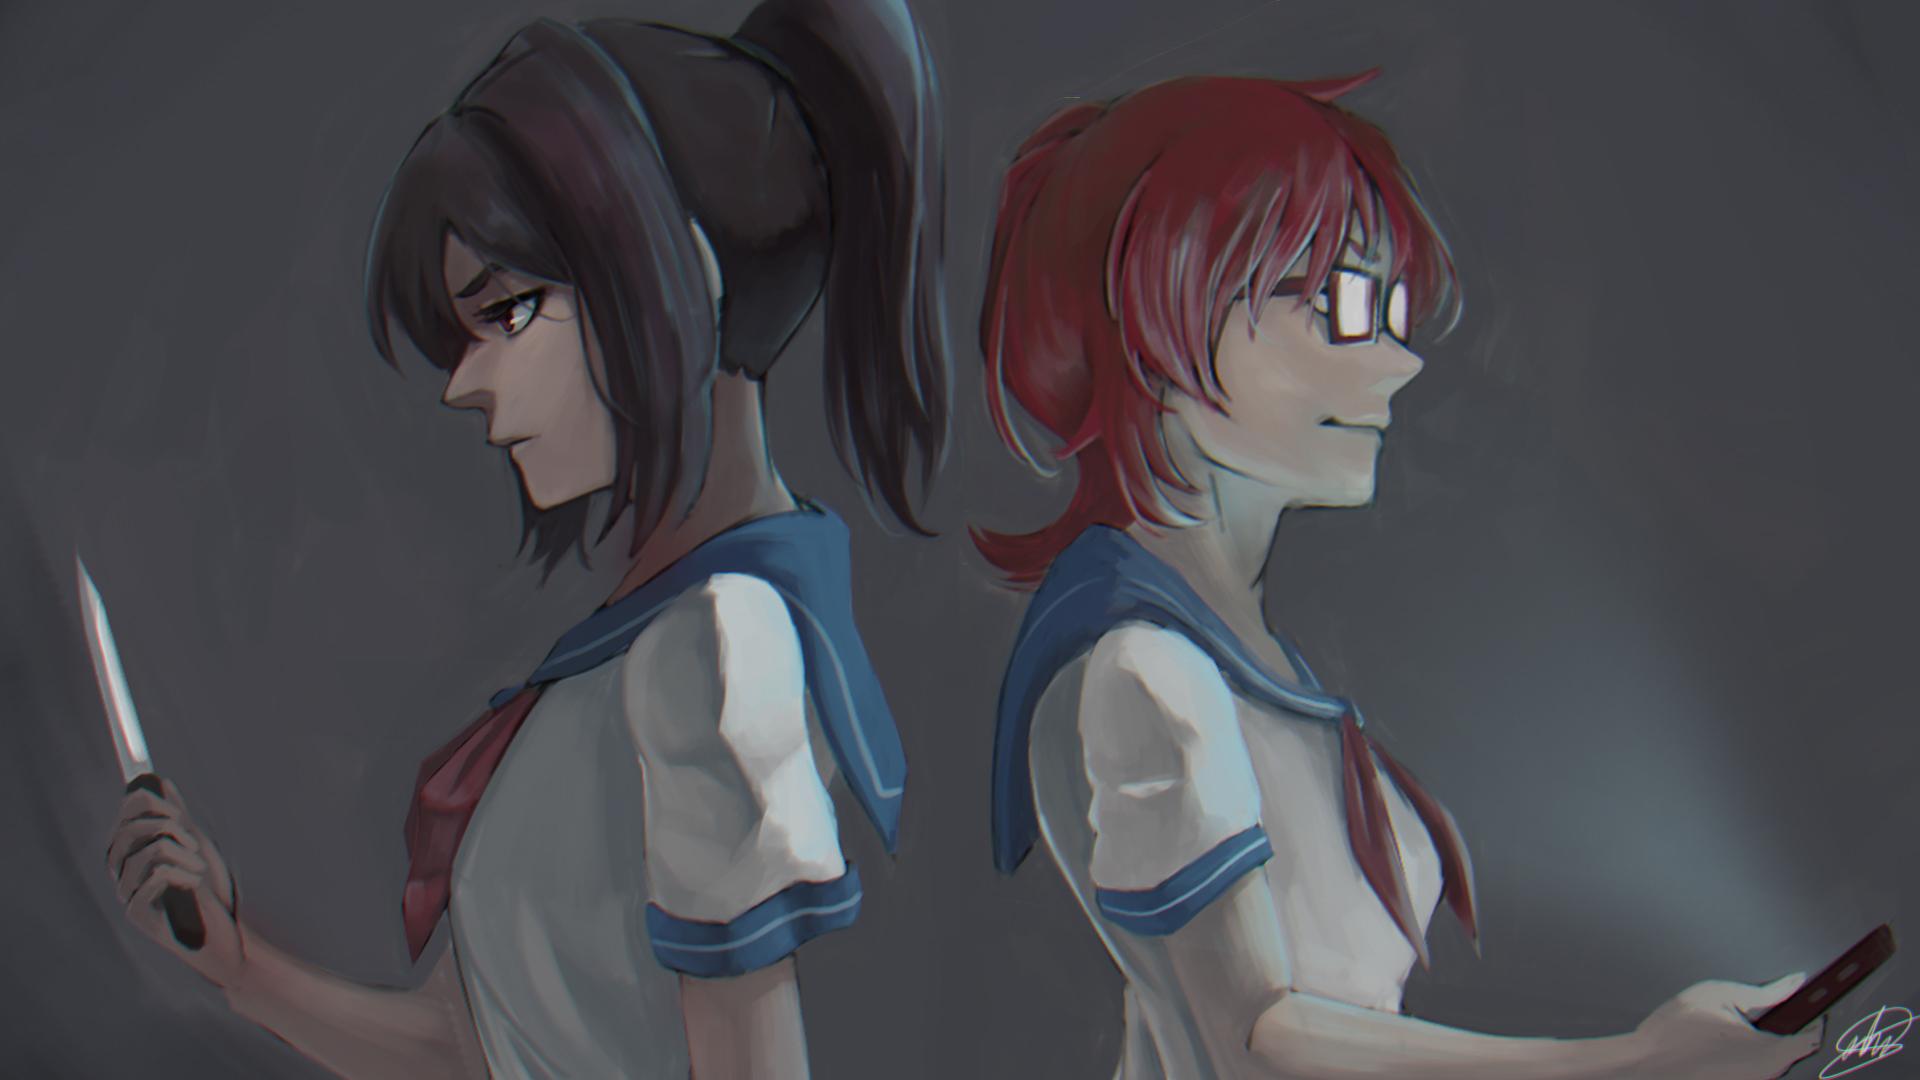 Wallpaper : Yandere Simulator, Ayano Aishi, Info chan, sailor